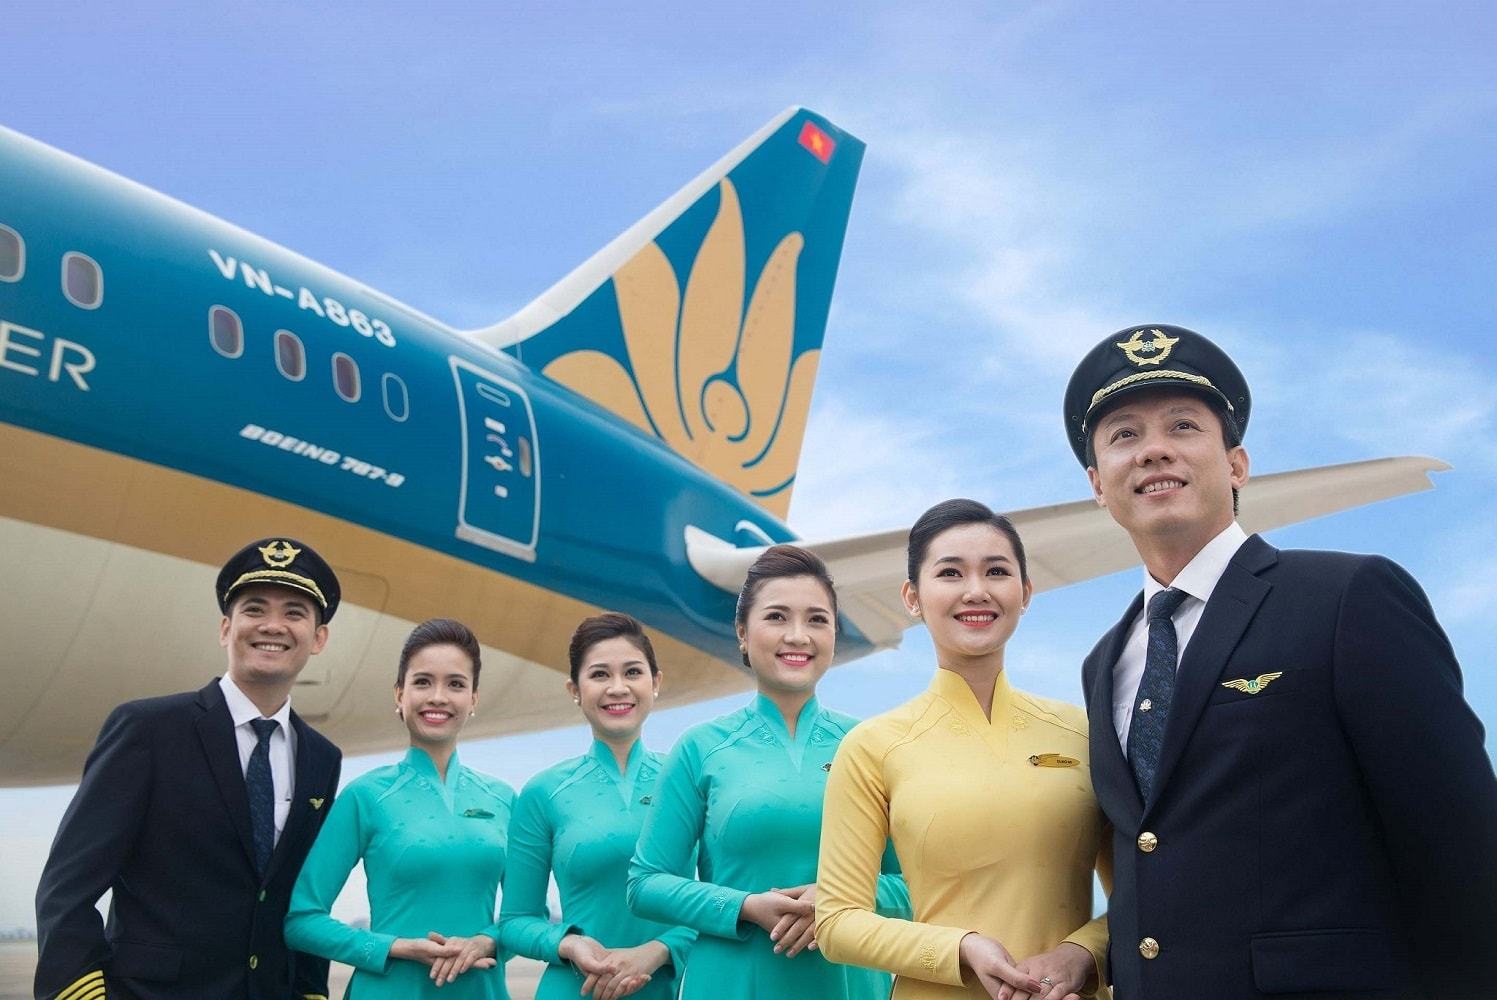 Đội ngũ tiếp viên và phi công của Vietnam Airlines